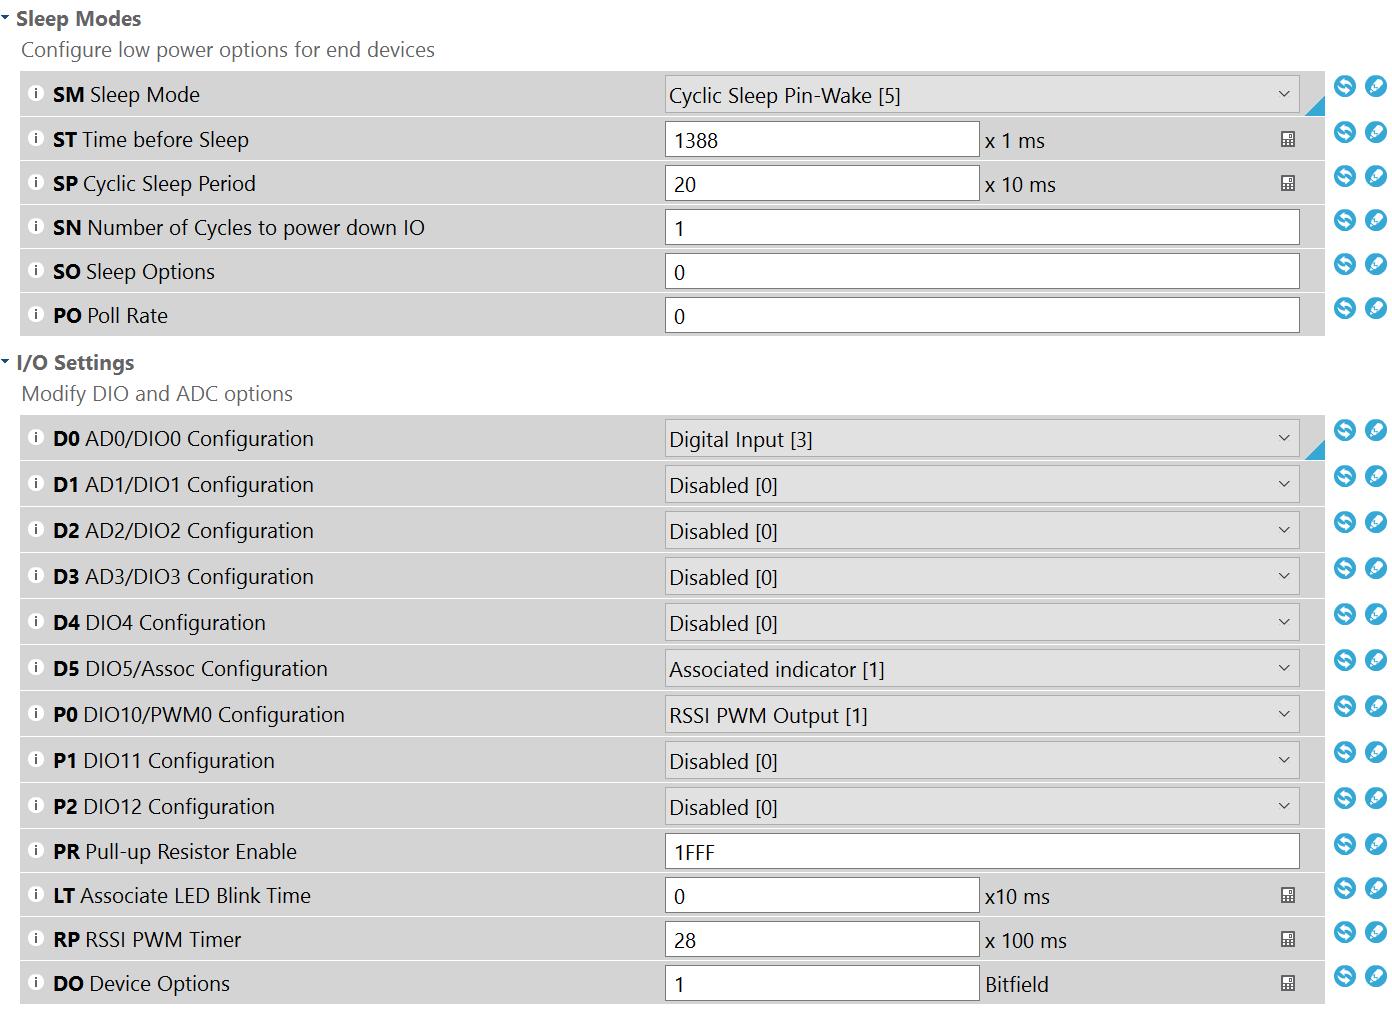 Zigbee/xbee binary_sensor prerequisites - Zigbee - Home Assistant